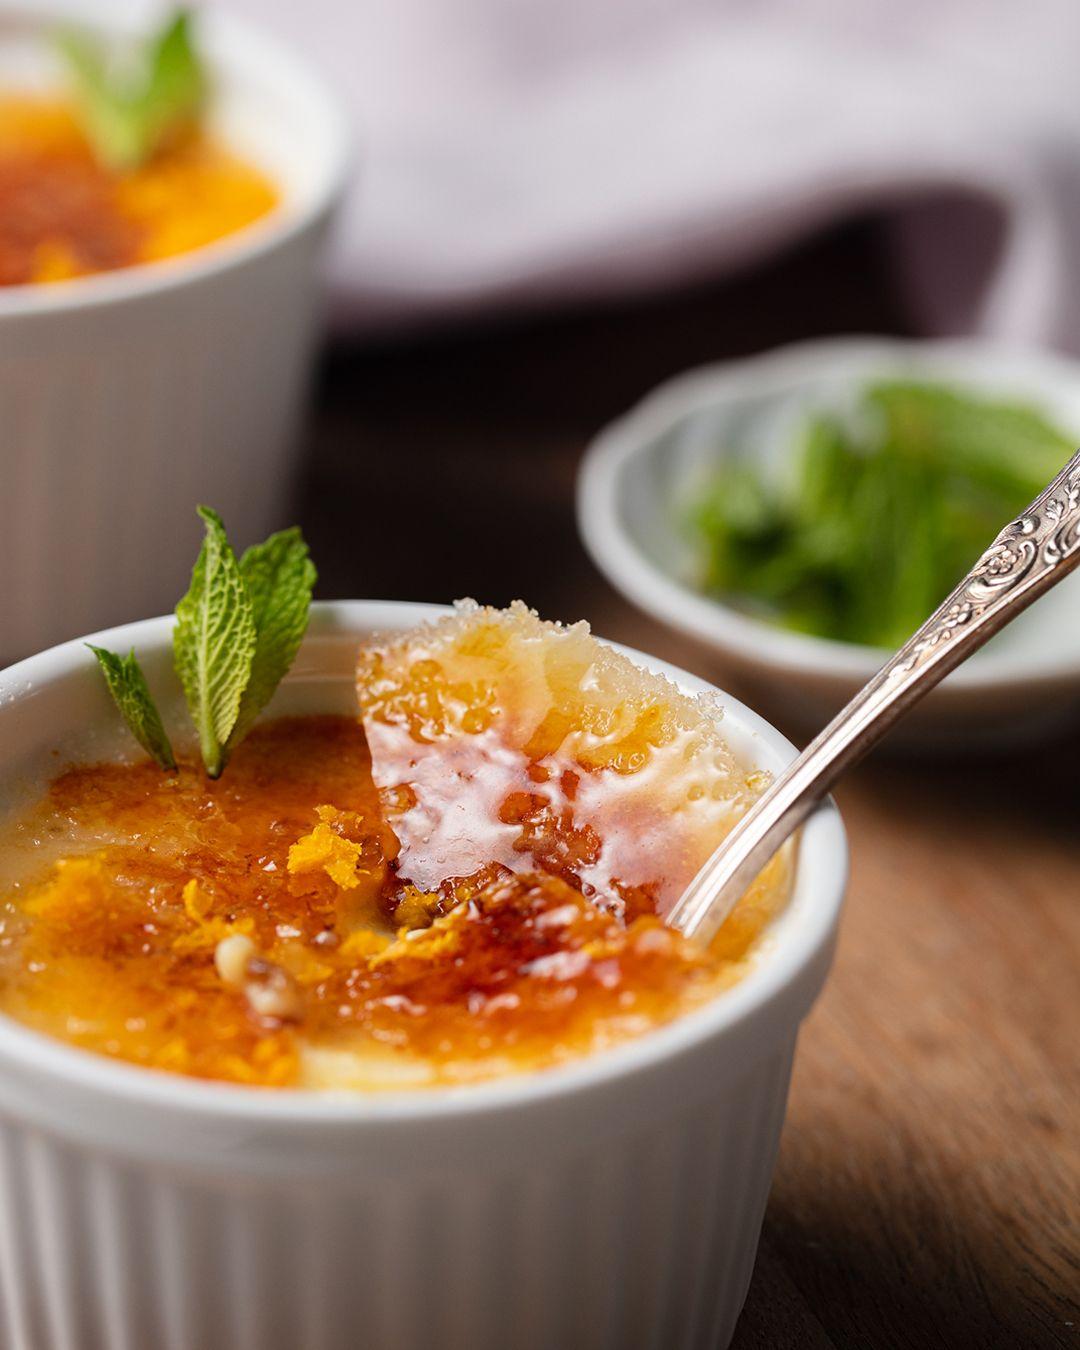 Bitter Orange Crème Brûlée (With images) - Bitter orange..